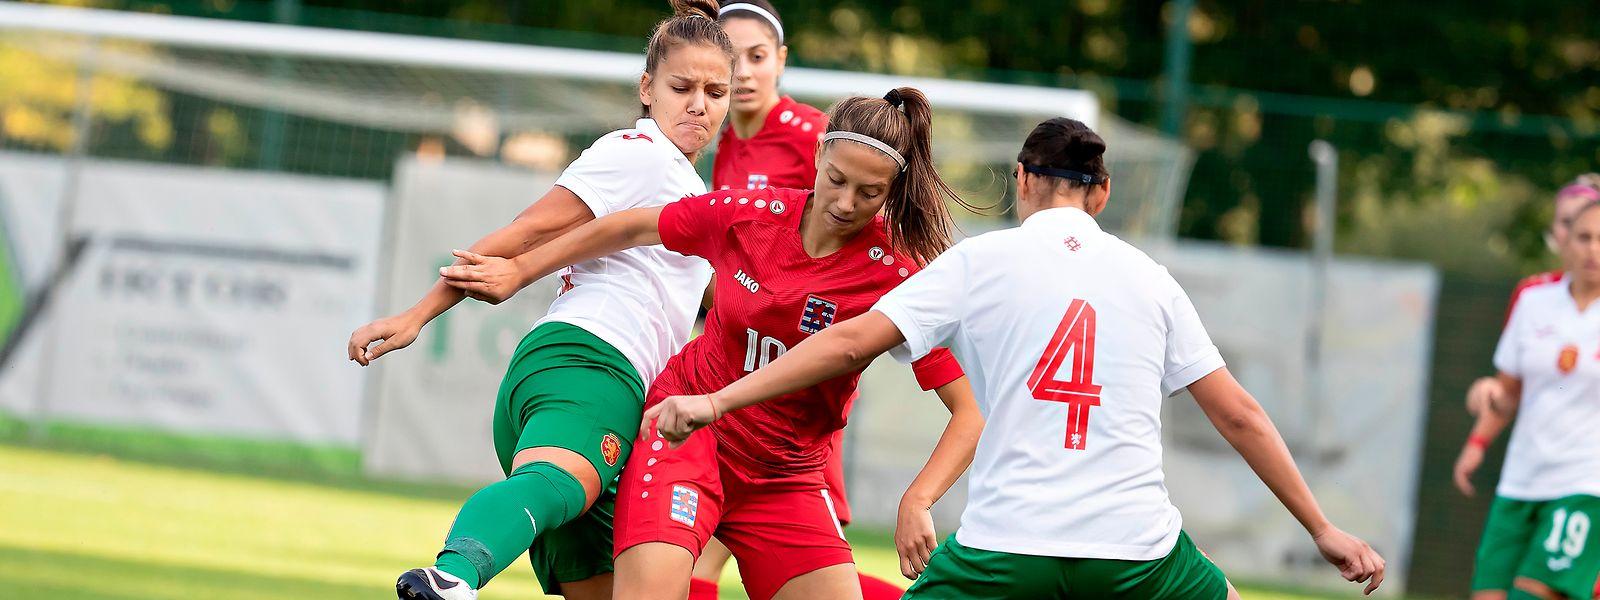 Die Mannschaft um Laura Miller (rot) zeigt vor allem in der ersten Halbzeit eine starke Leistung, belohnt sich aber nicht.